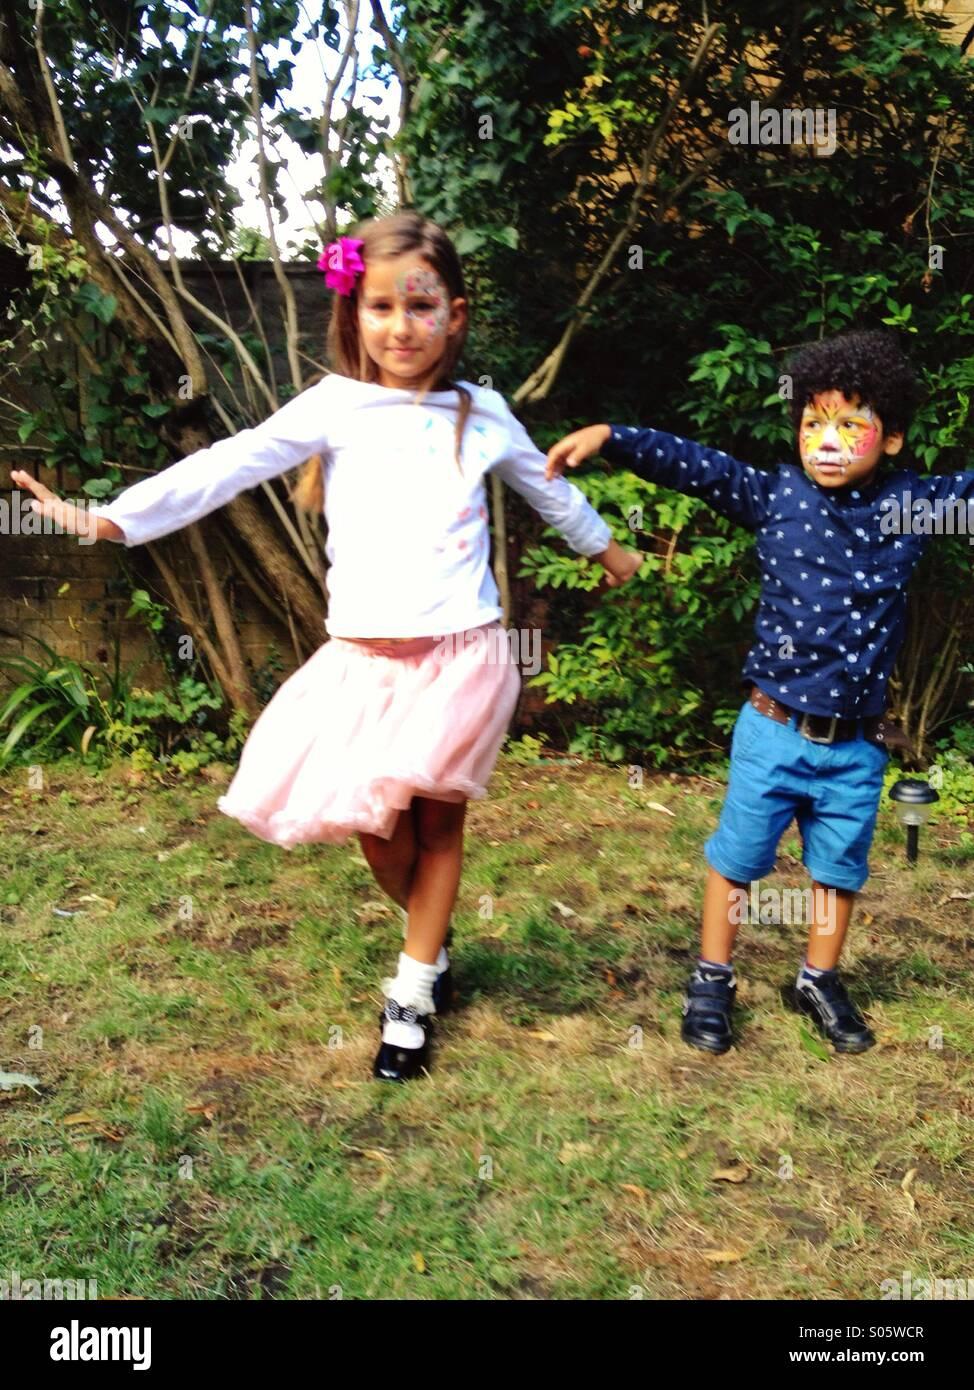 Danse Enfants Banque D'Images